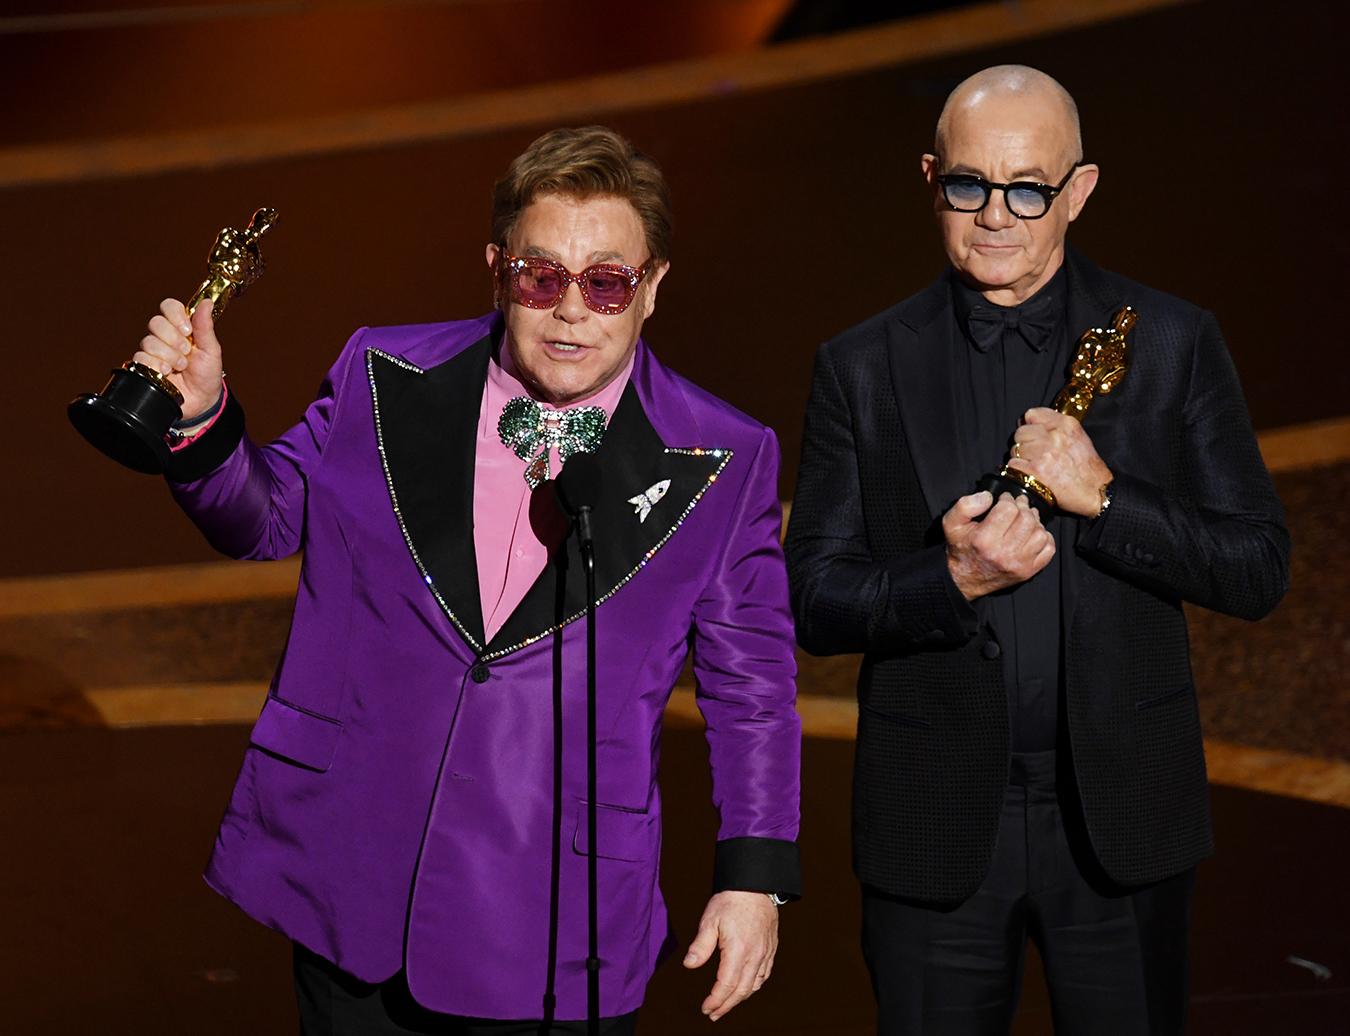 Notte in bianco e nero: gli Oscar premiano la vera eleganza